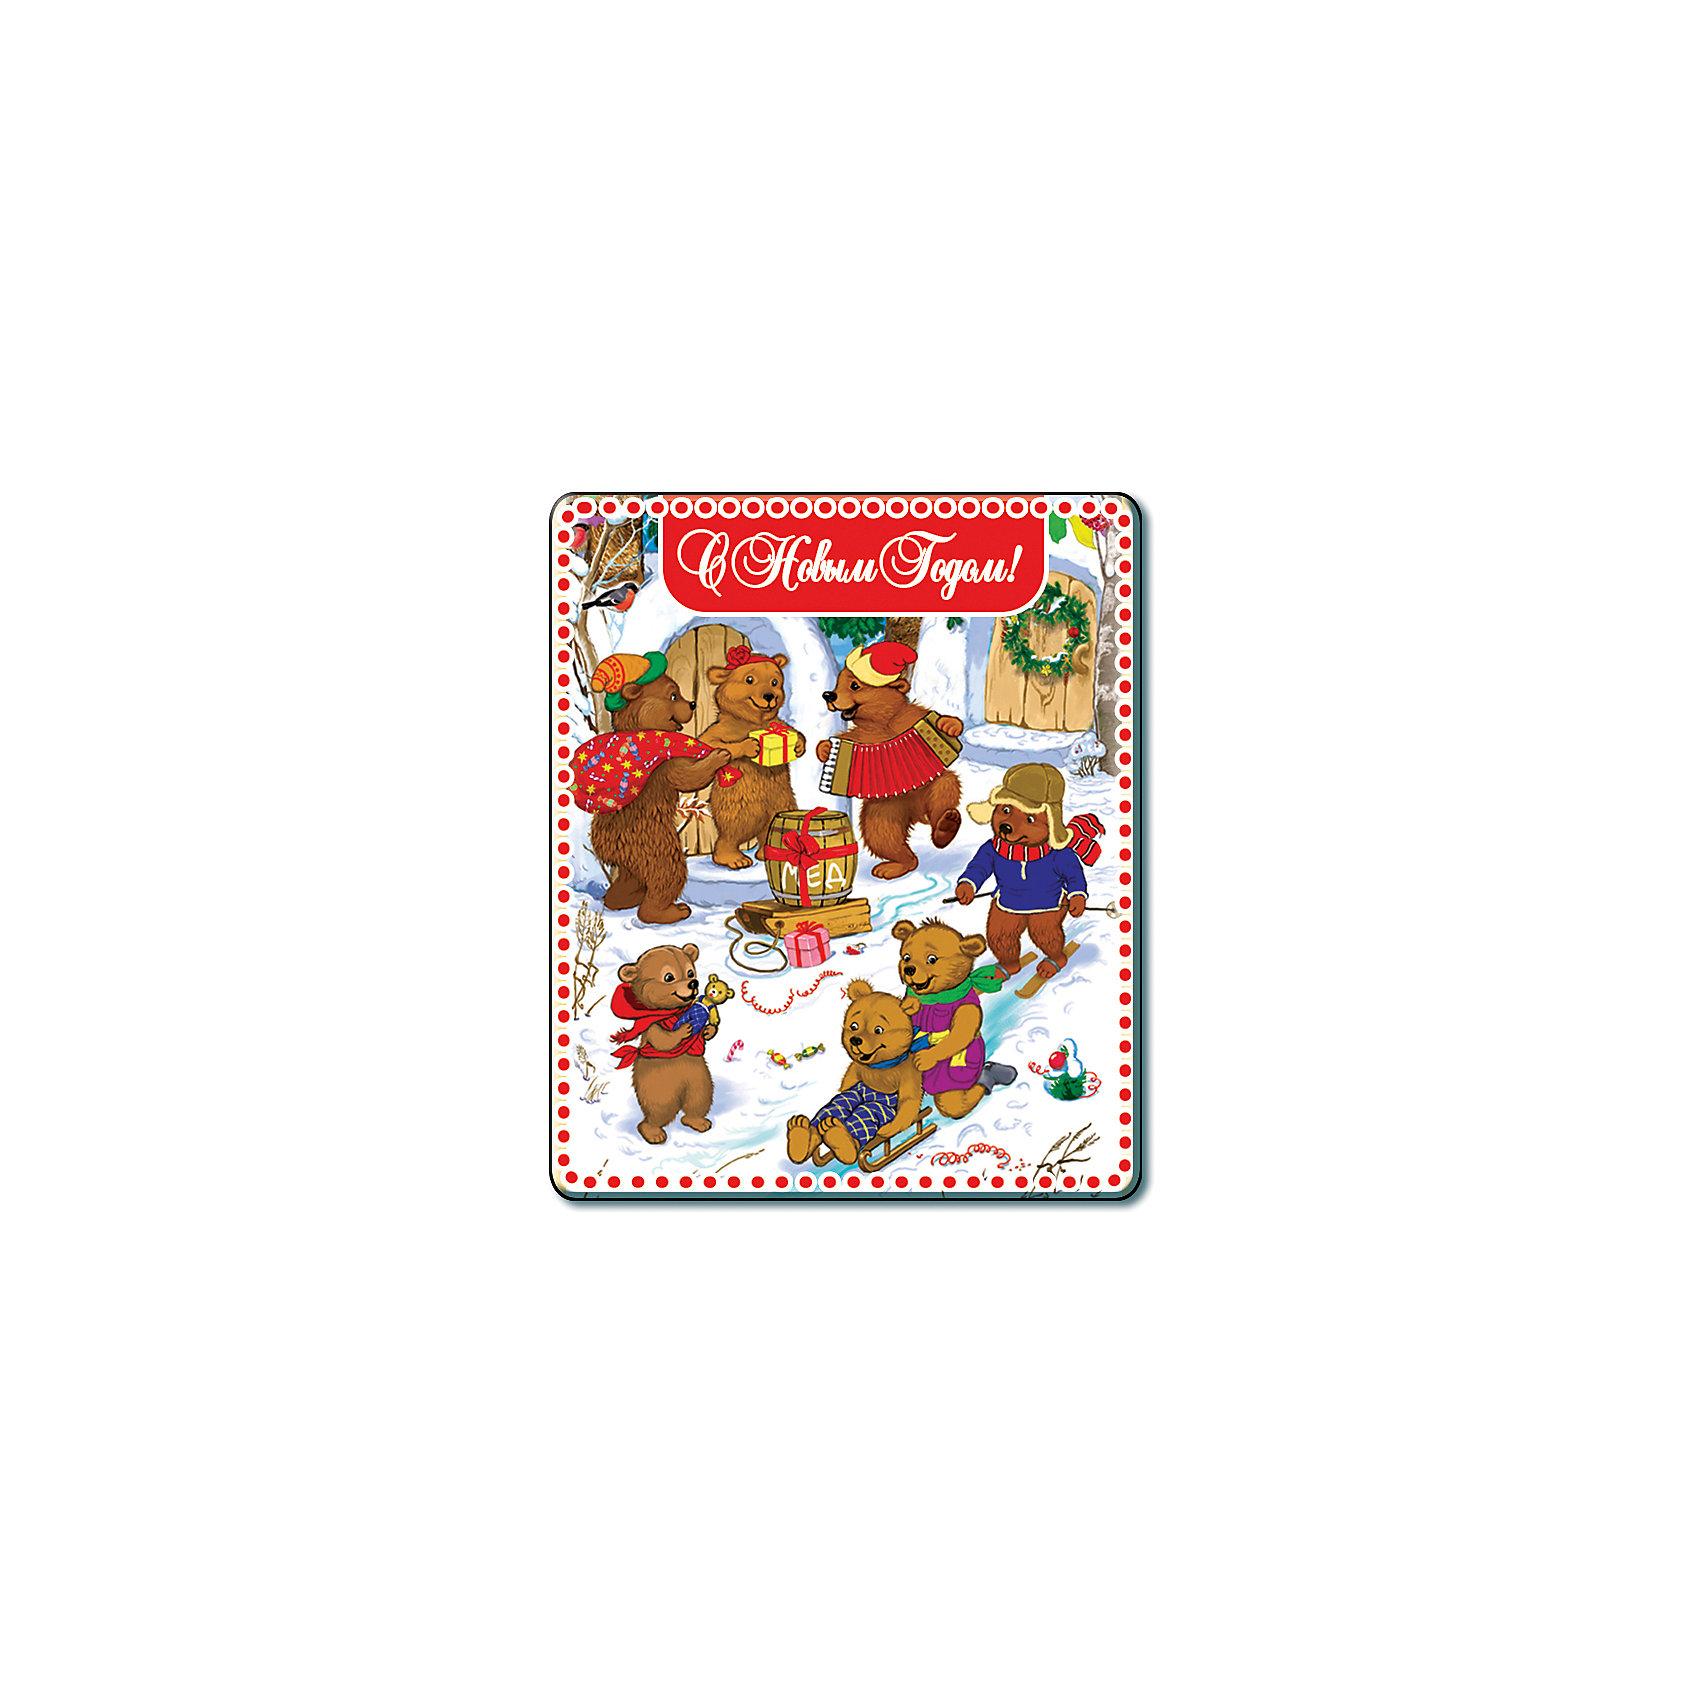 Магнит МедвежатаЯркий магнит с новогодней символикой - прекрасный вариант для праздничного сувенира. Магнит можно прикрепить на любую металлическую поверхность, он всегда будет радовать, напоминая о веселом и таком долгожданном для всех празднике! <br><br>Дополнительная информация:<br><br>- Материал: агломерированный феррит. <br>- Размер: 5х6 см.<br>- Яркий привлекательный дизайн. <br><br>Новогодний магнит Медвежата можно купить в нашем магазине.<br><br>Ширина мм: 100<br>Глубина мм: 100<br>Высота мм: 10<br>Вес г: 260<br>Возраст от месяцев: 36<br>Возраст до месяцев: 2147483647<br>Пол: Унисекс<br>Возраст: Детский<br>SKU: 4981317